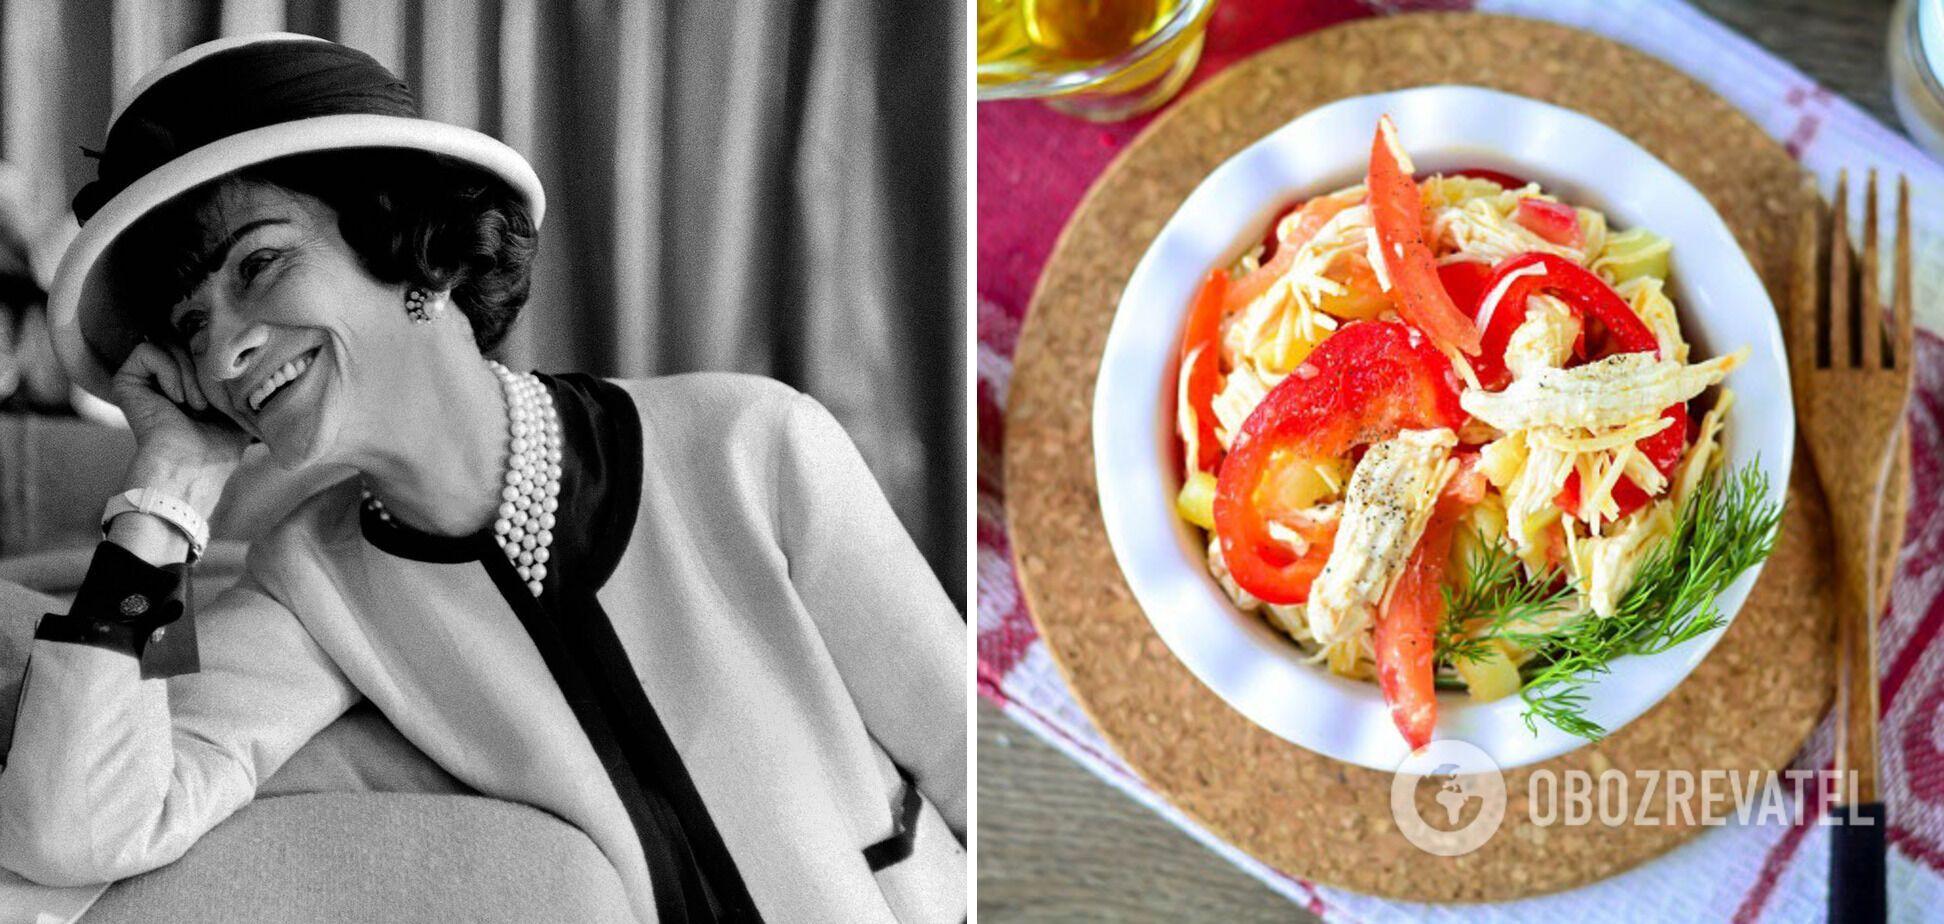 """Салат в честь відомої французької модельєрки """"Коко Шанель"""""""